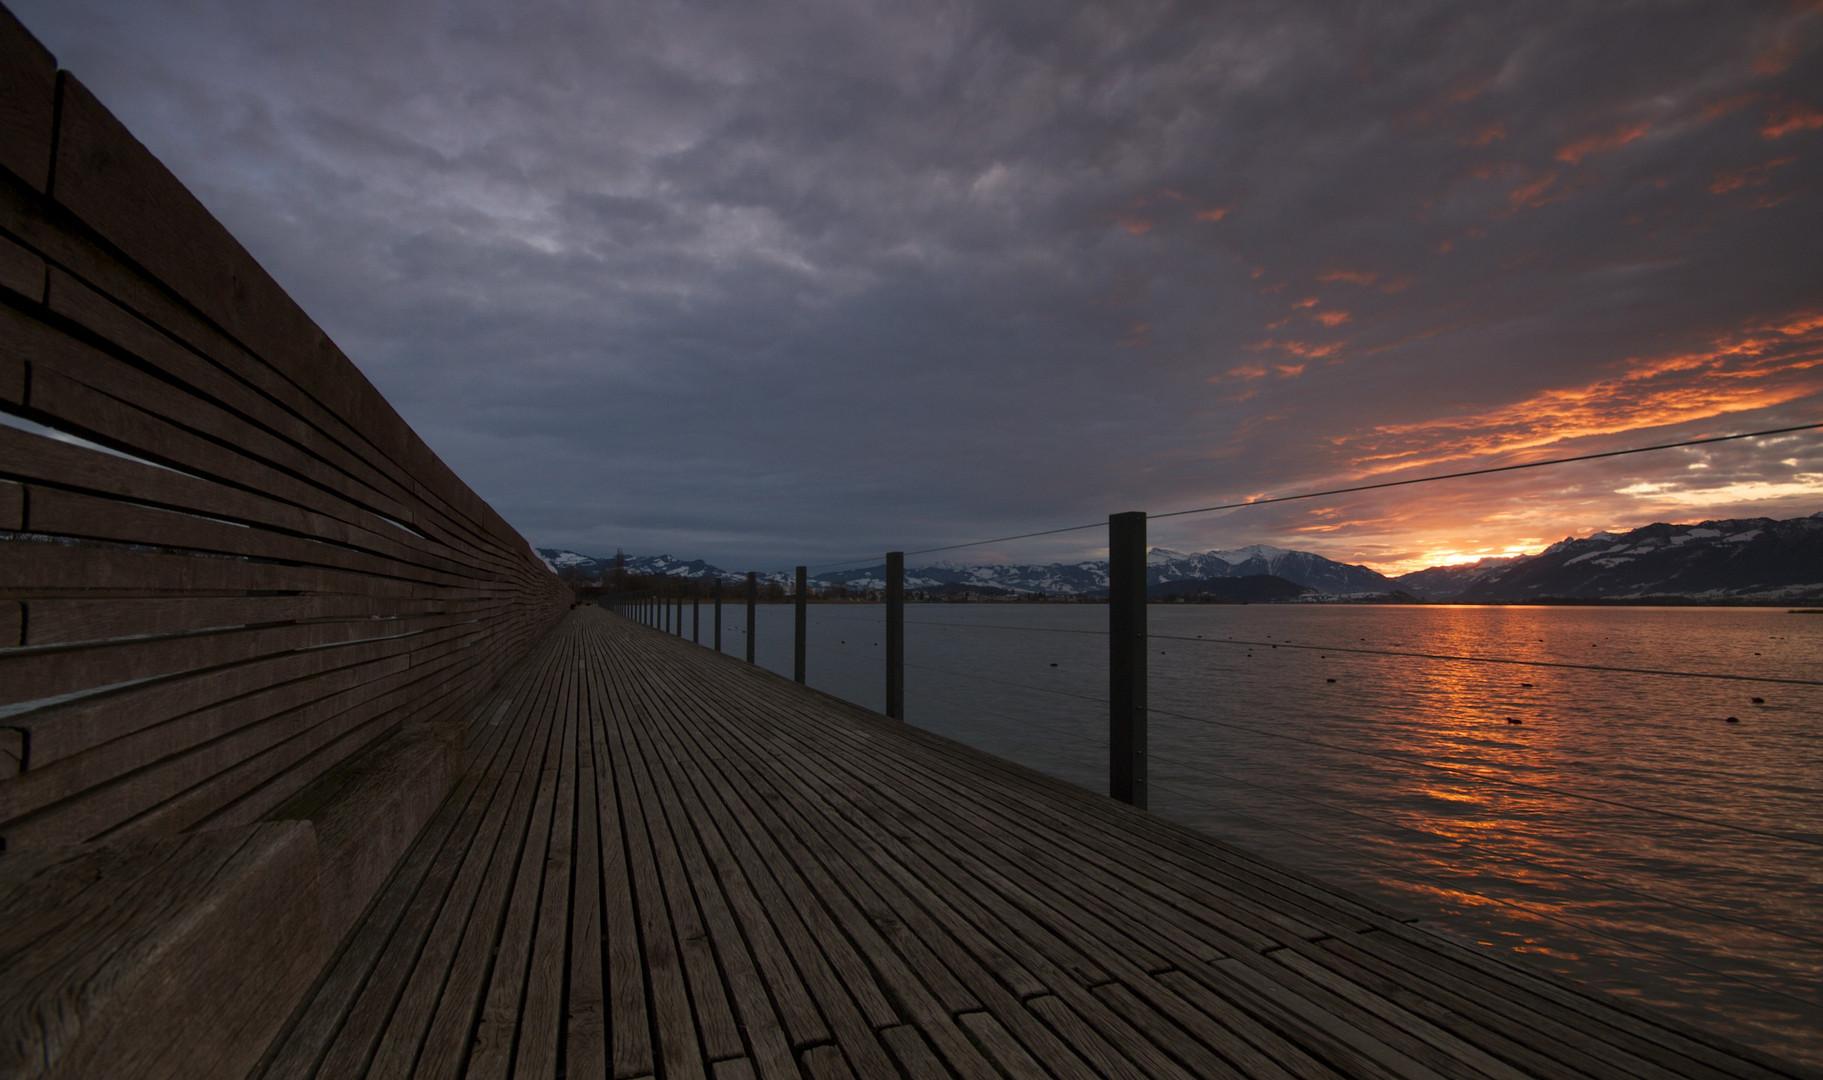 Sonnenaufgang am Seedamm